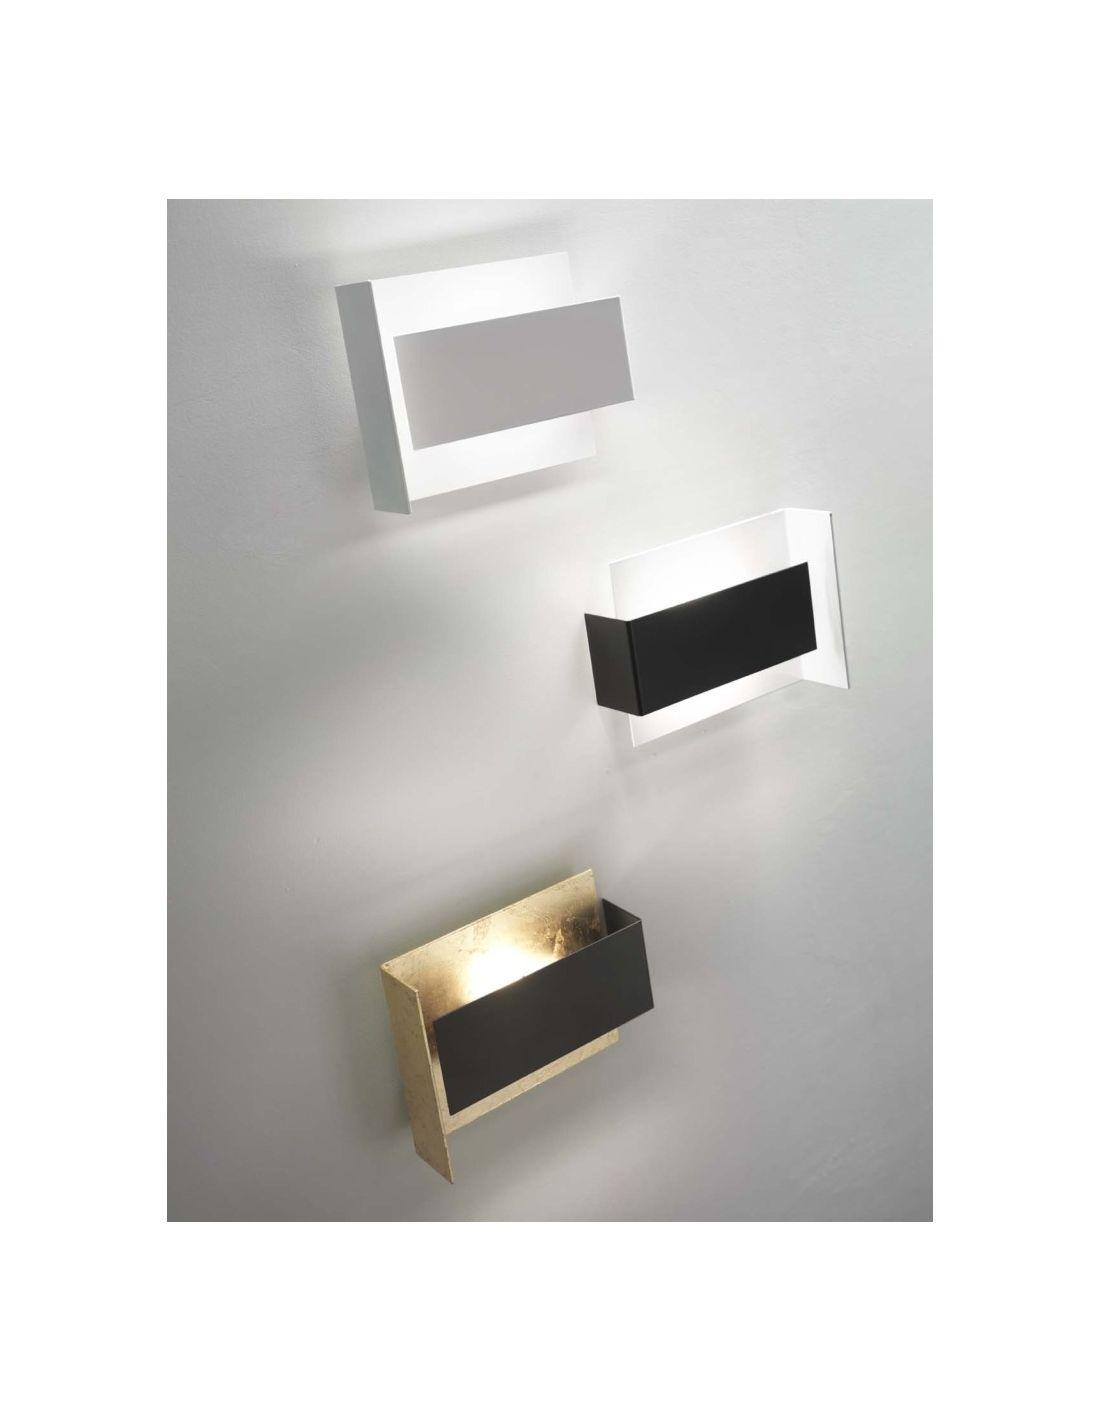 Tao D702 lampada da parete a LED in acciaio oro e nero